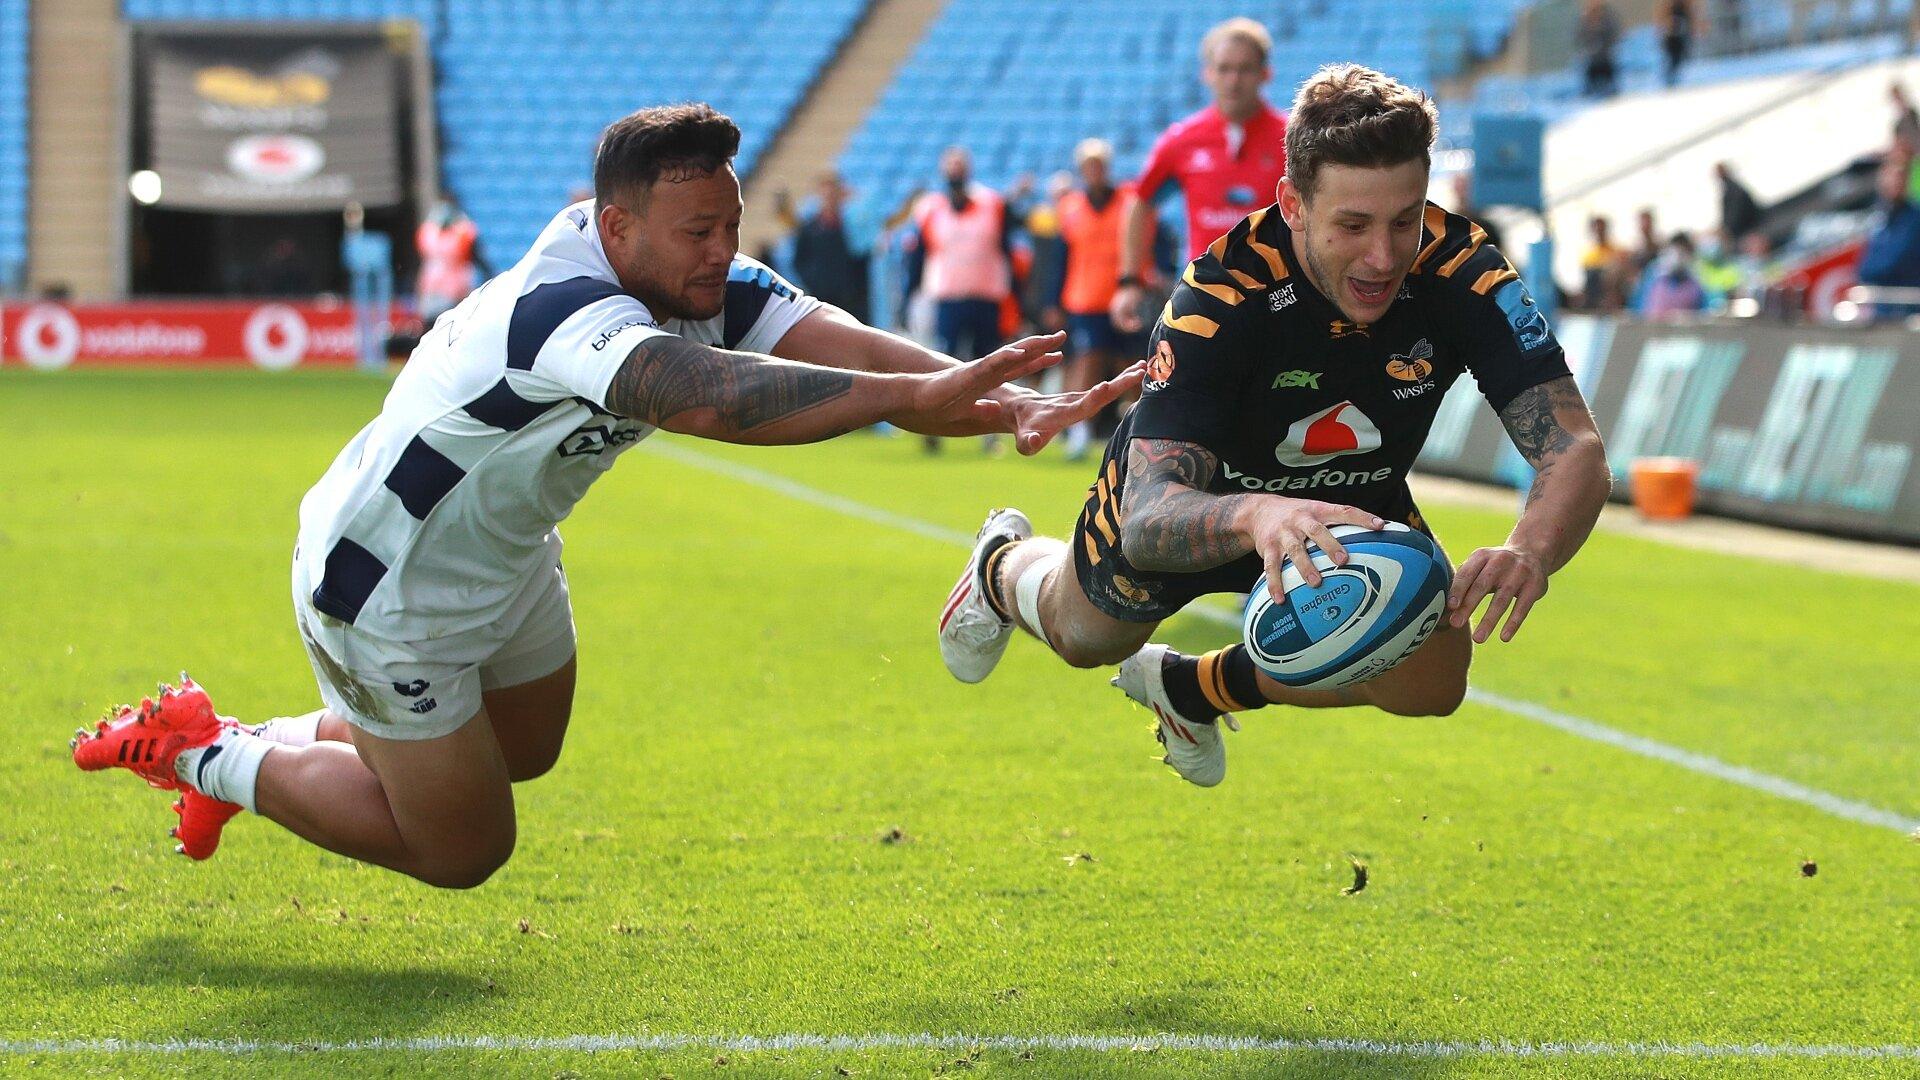 Brilliant Wasps blitz Bristol to reach first Premiership final since 2017